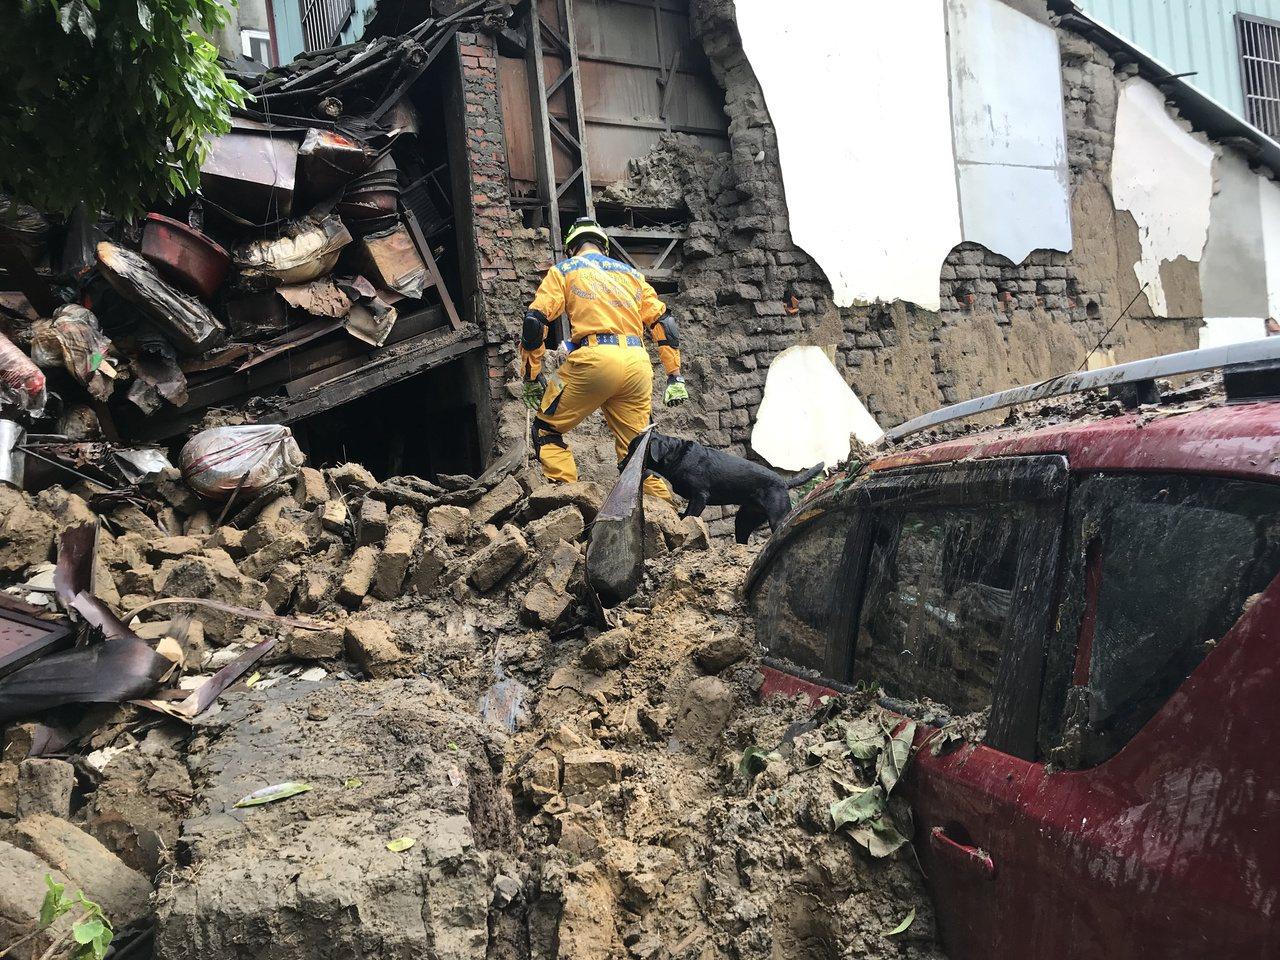 台中市昨夜降雨造成潭子一間土角厝坍方,消防隊派出搜救犬「腿腿」現場搜尋有無人員受...